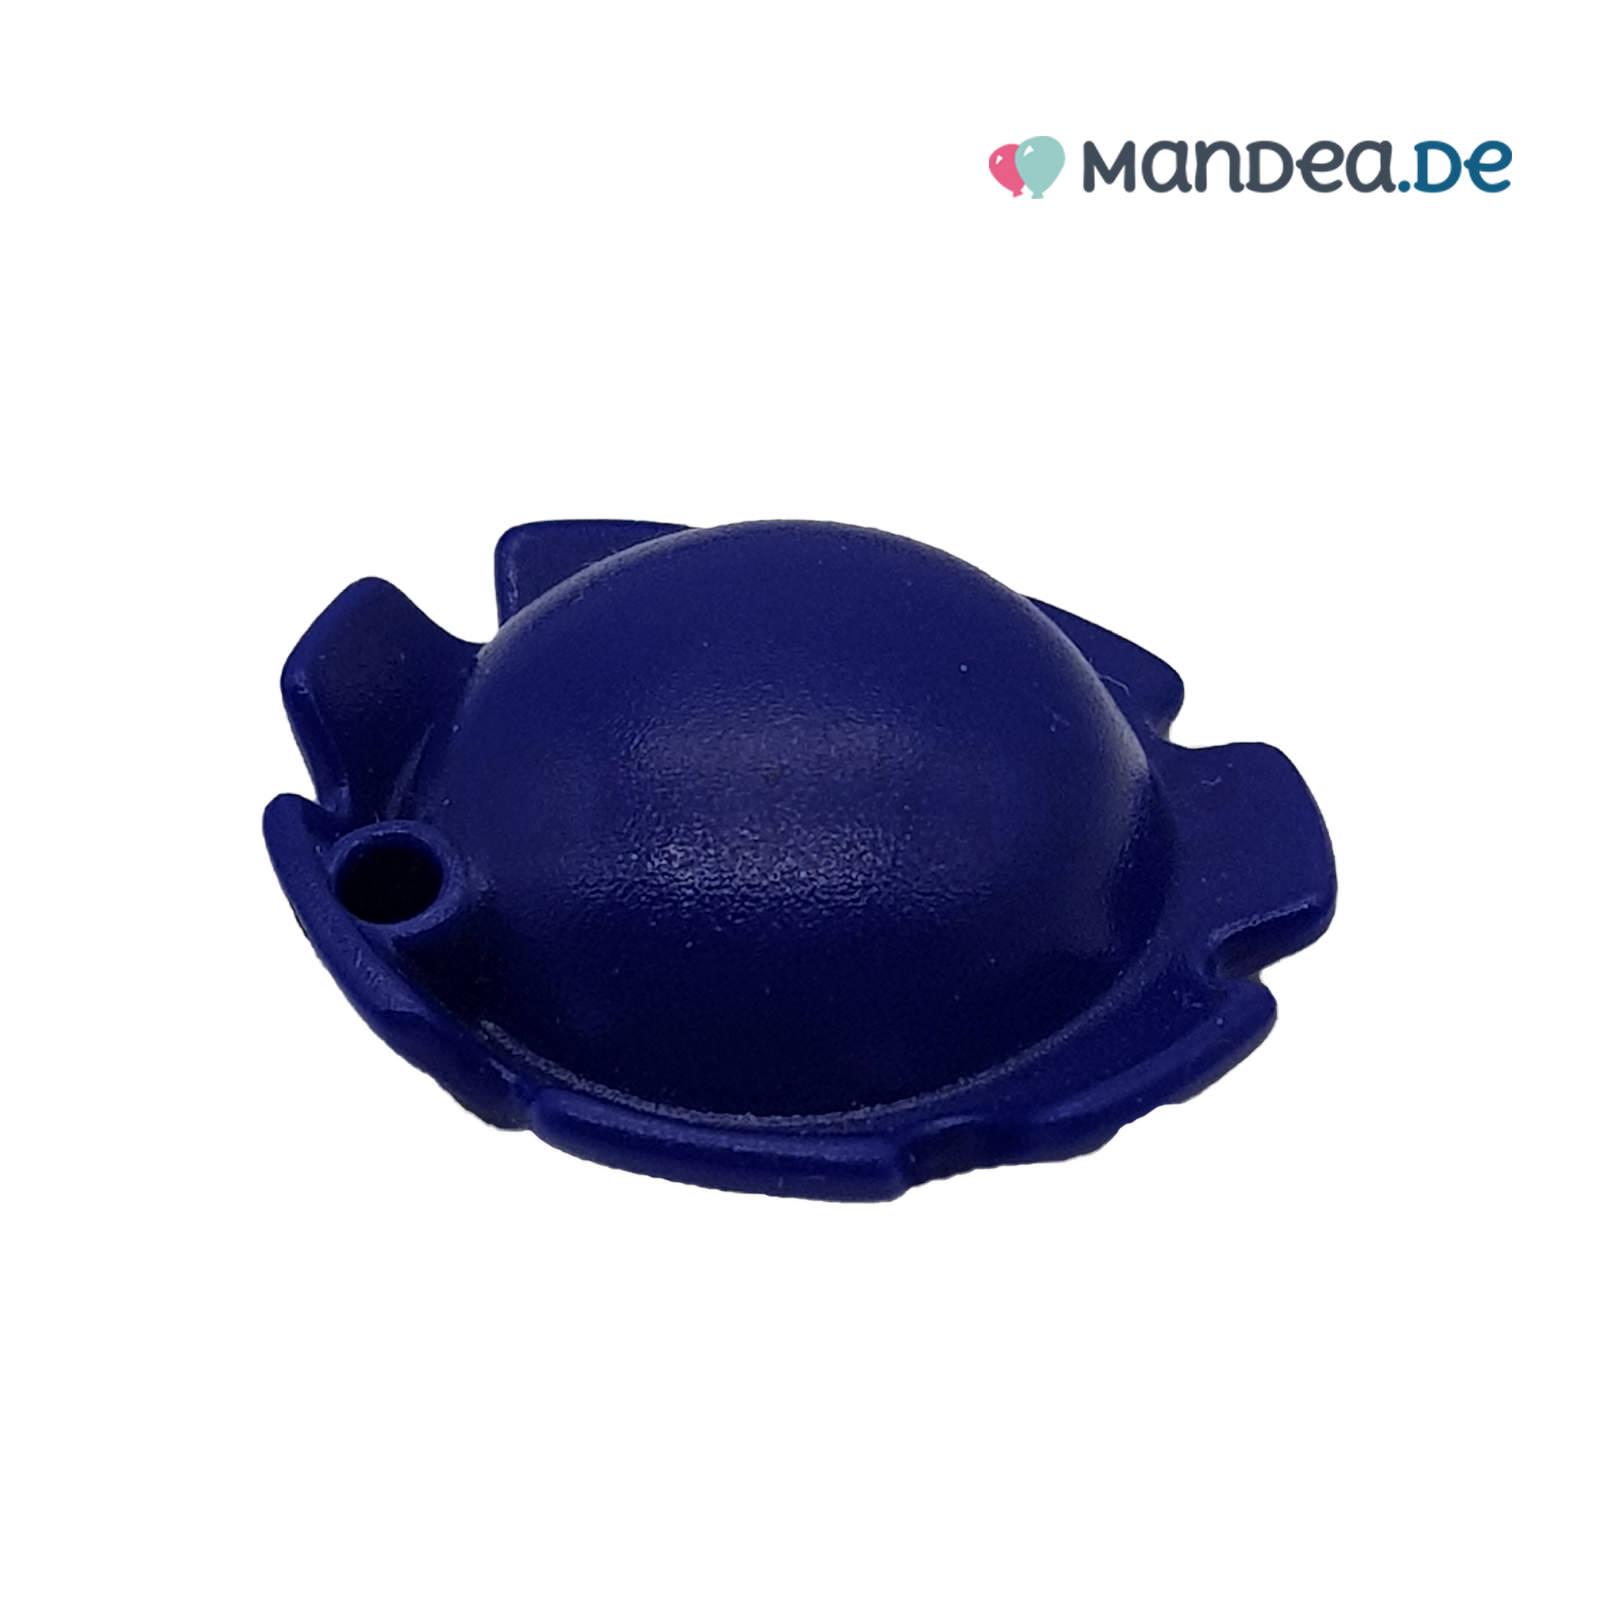 PLAYMOBIL Hut blau 30248350  gnstig online kaufen